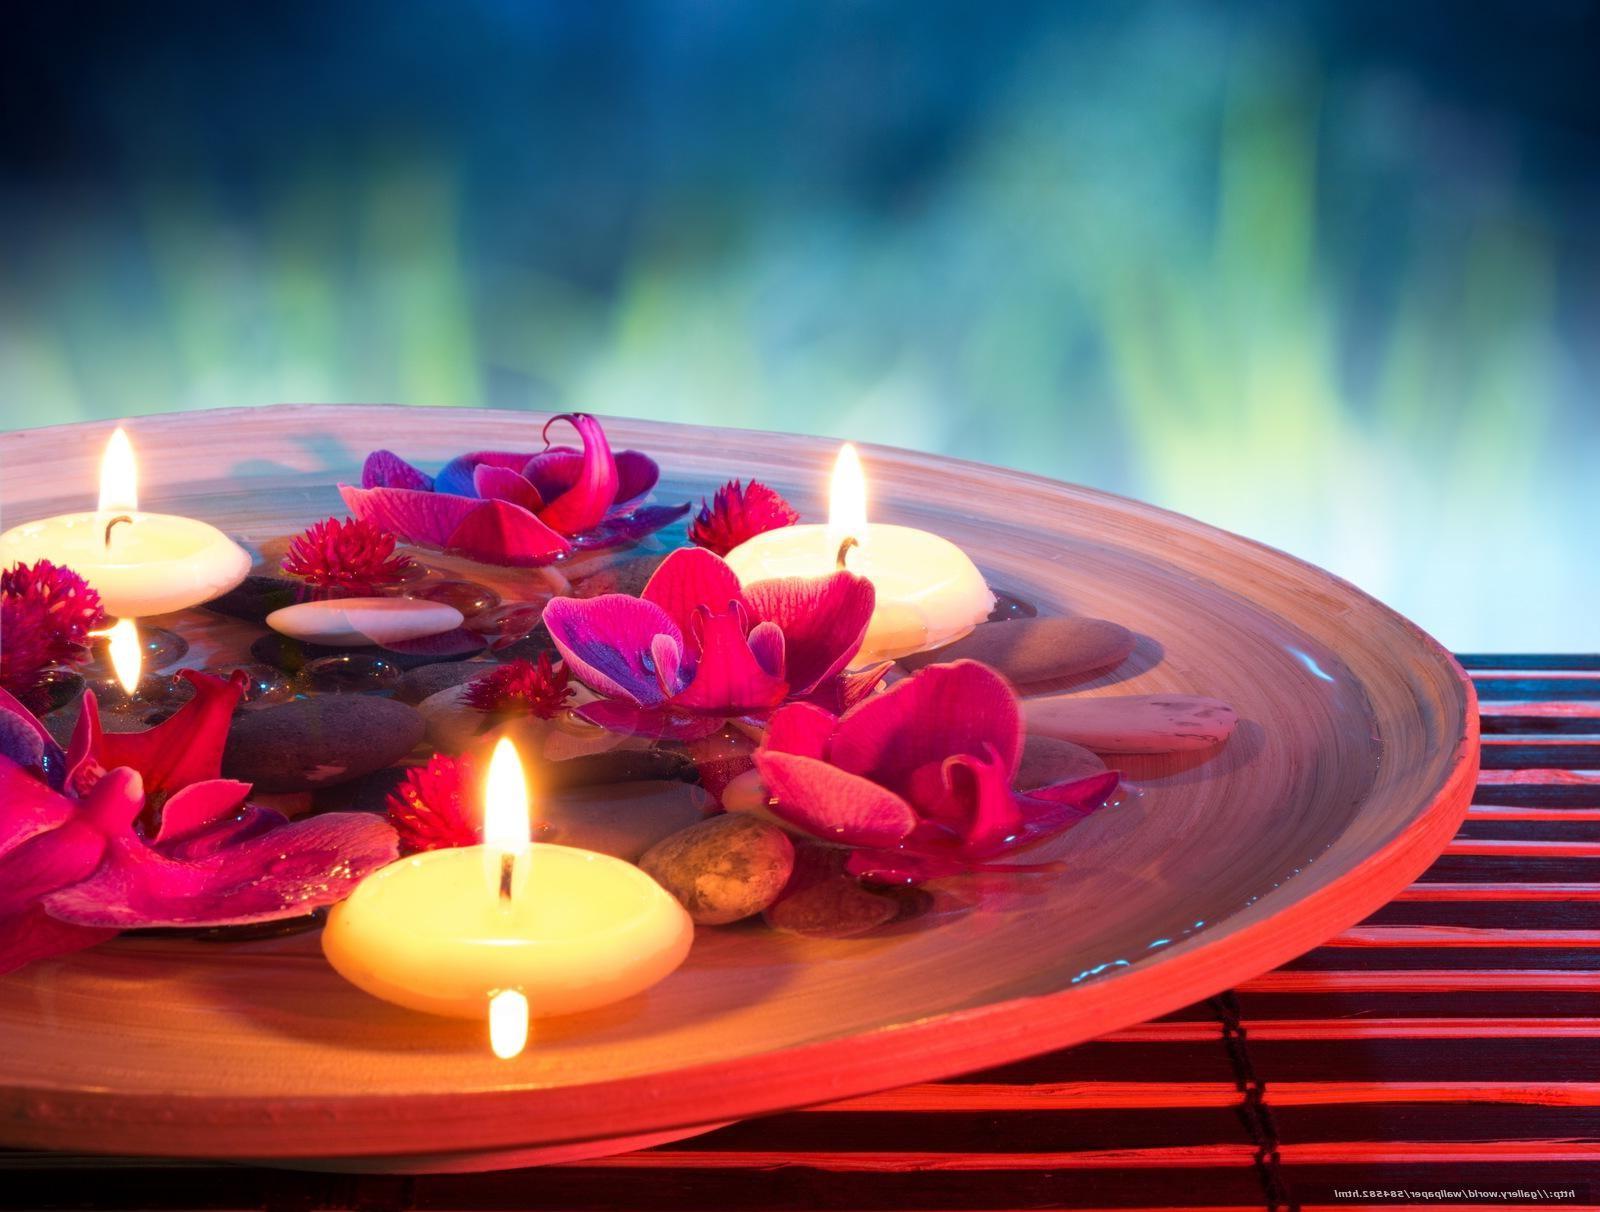 Atmosphère romantique pour la fête des amoureux.